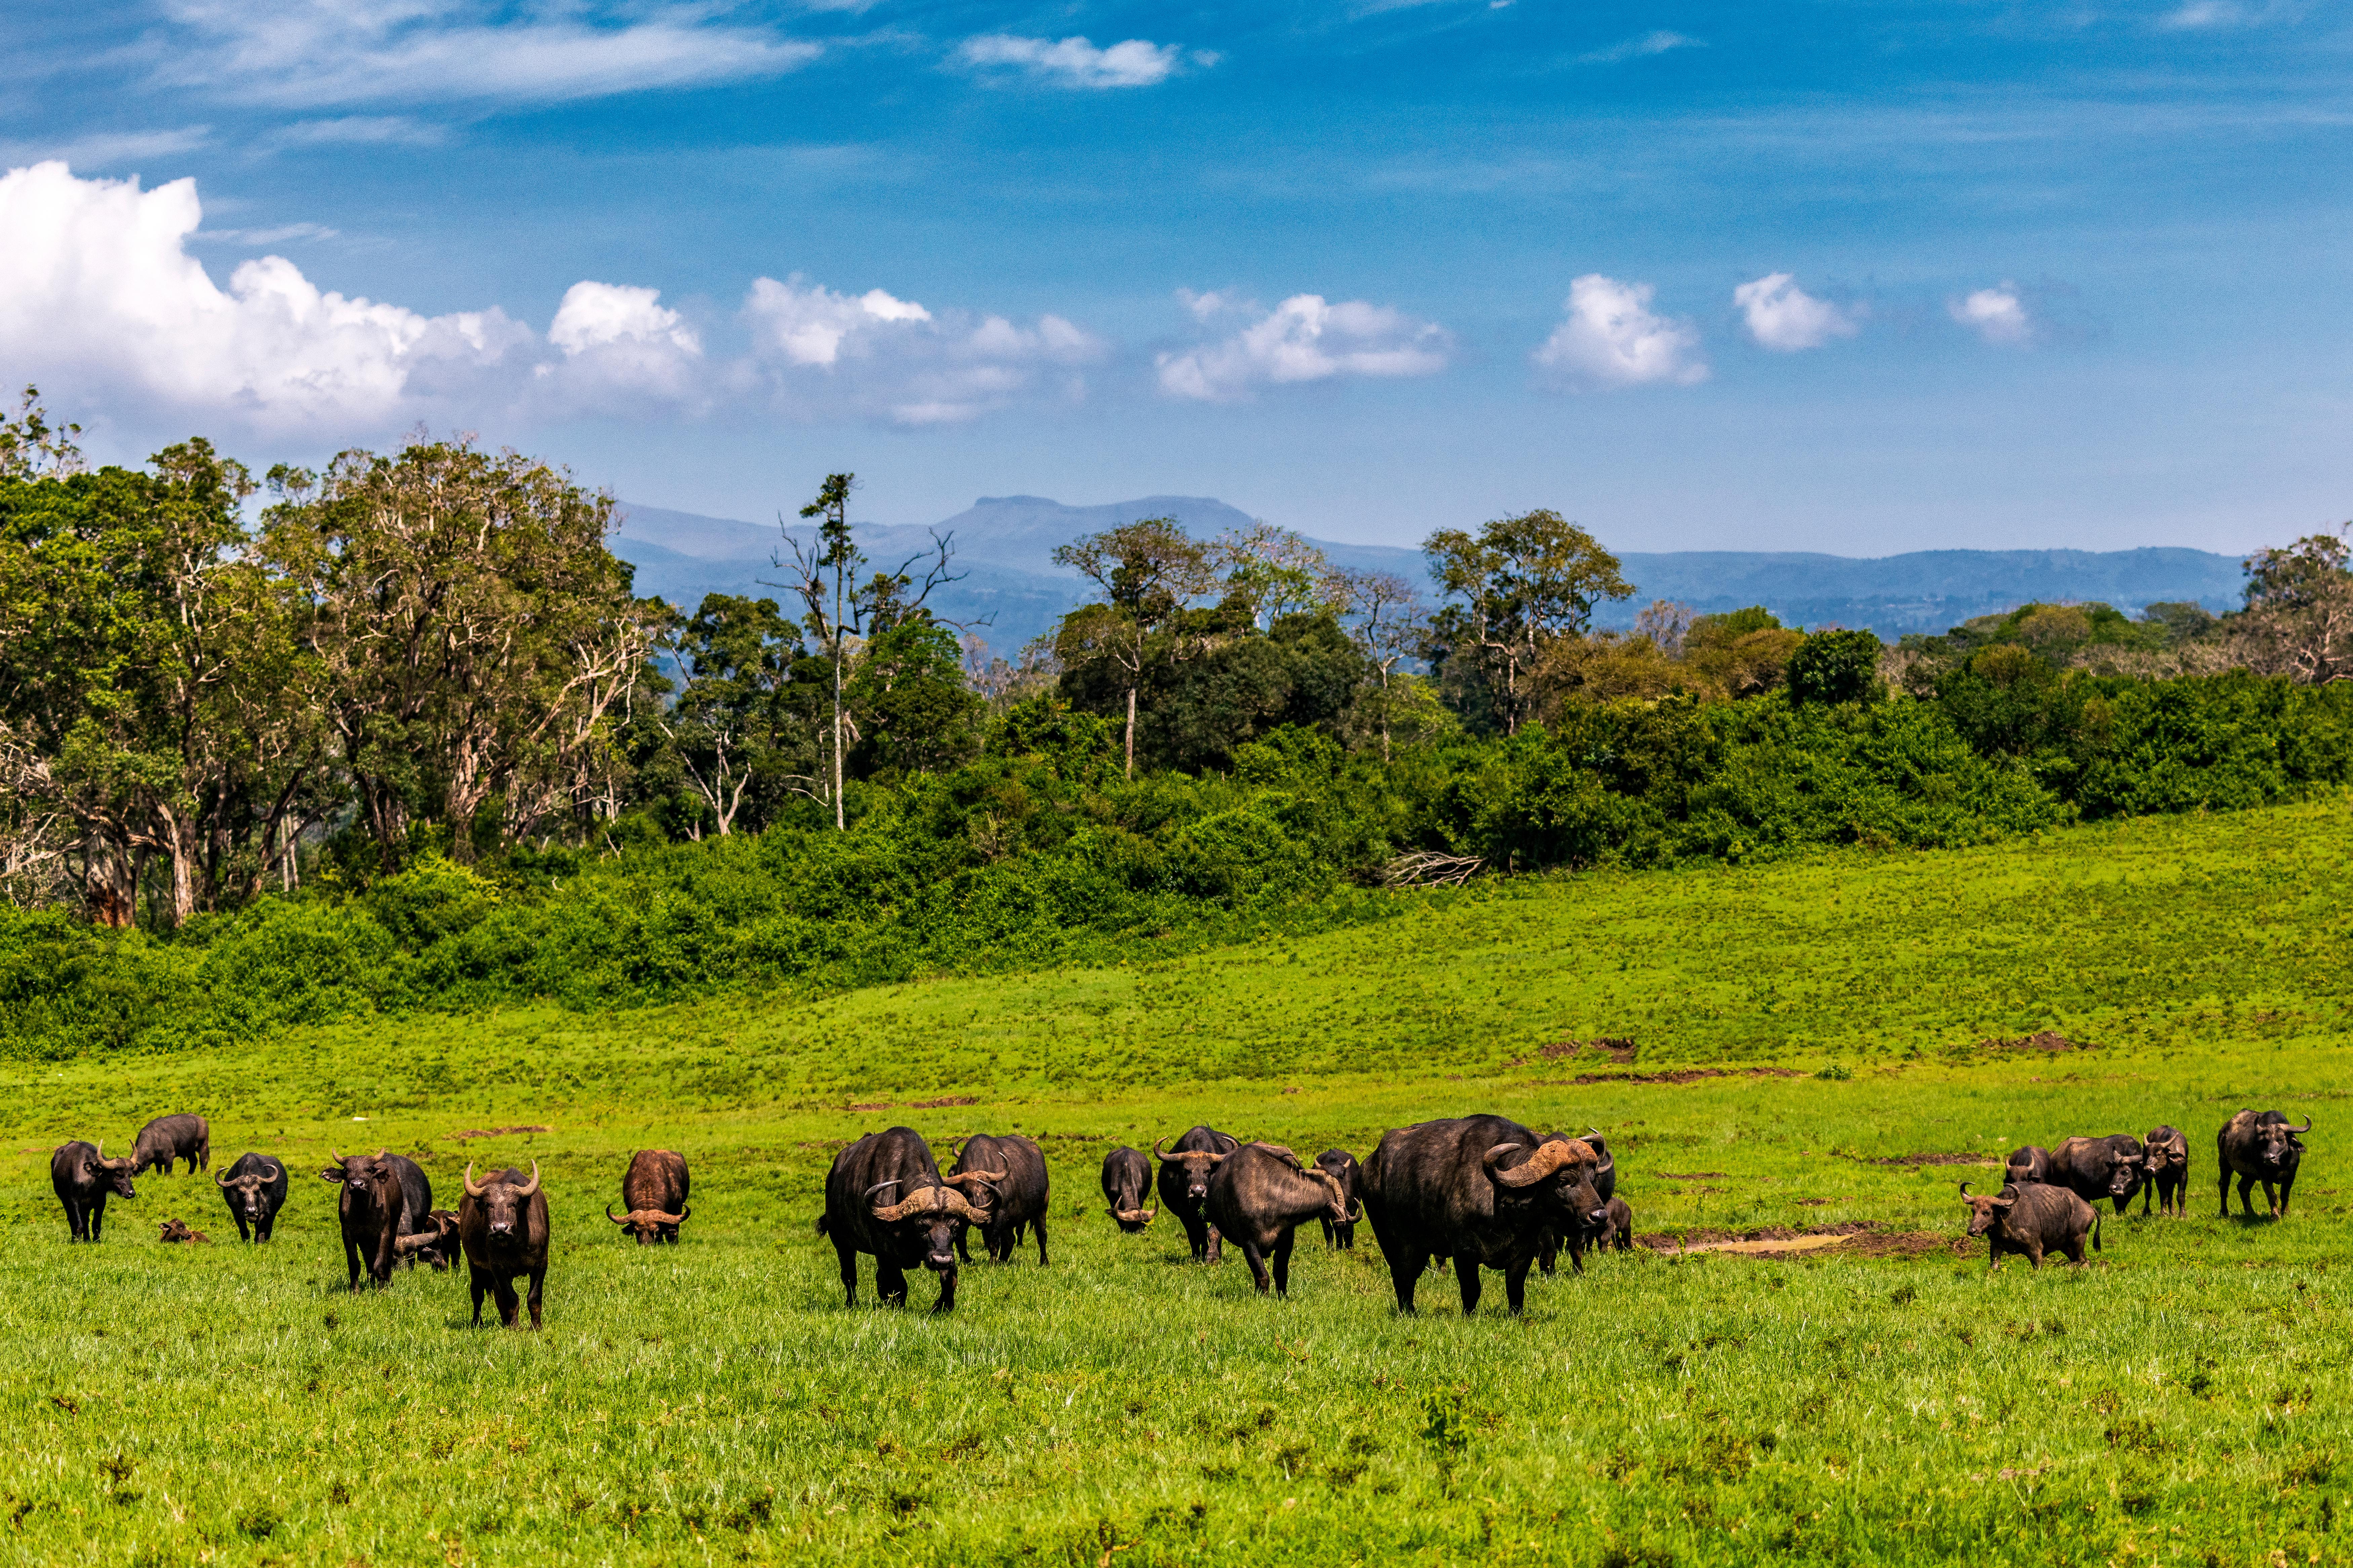 Adéntrate en los inspiradores paisajes de los Montes Aberdare - Kenia Safari Safari Kenia y Tanzania: Serengeti